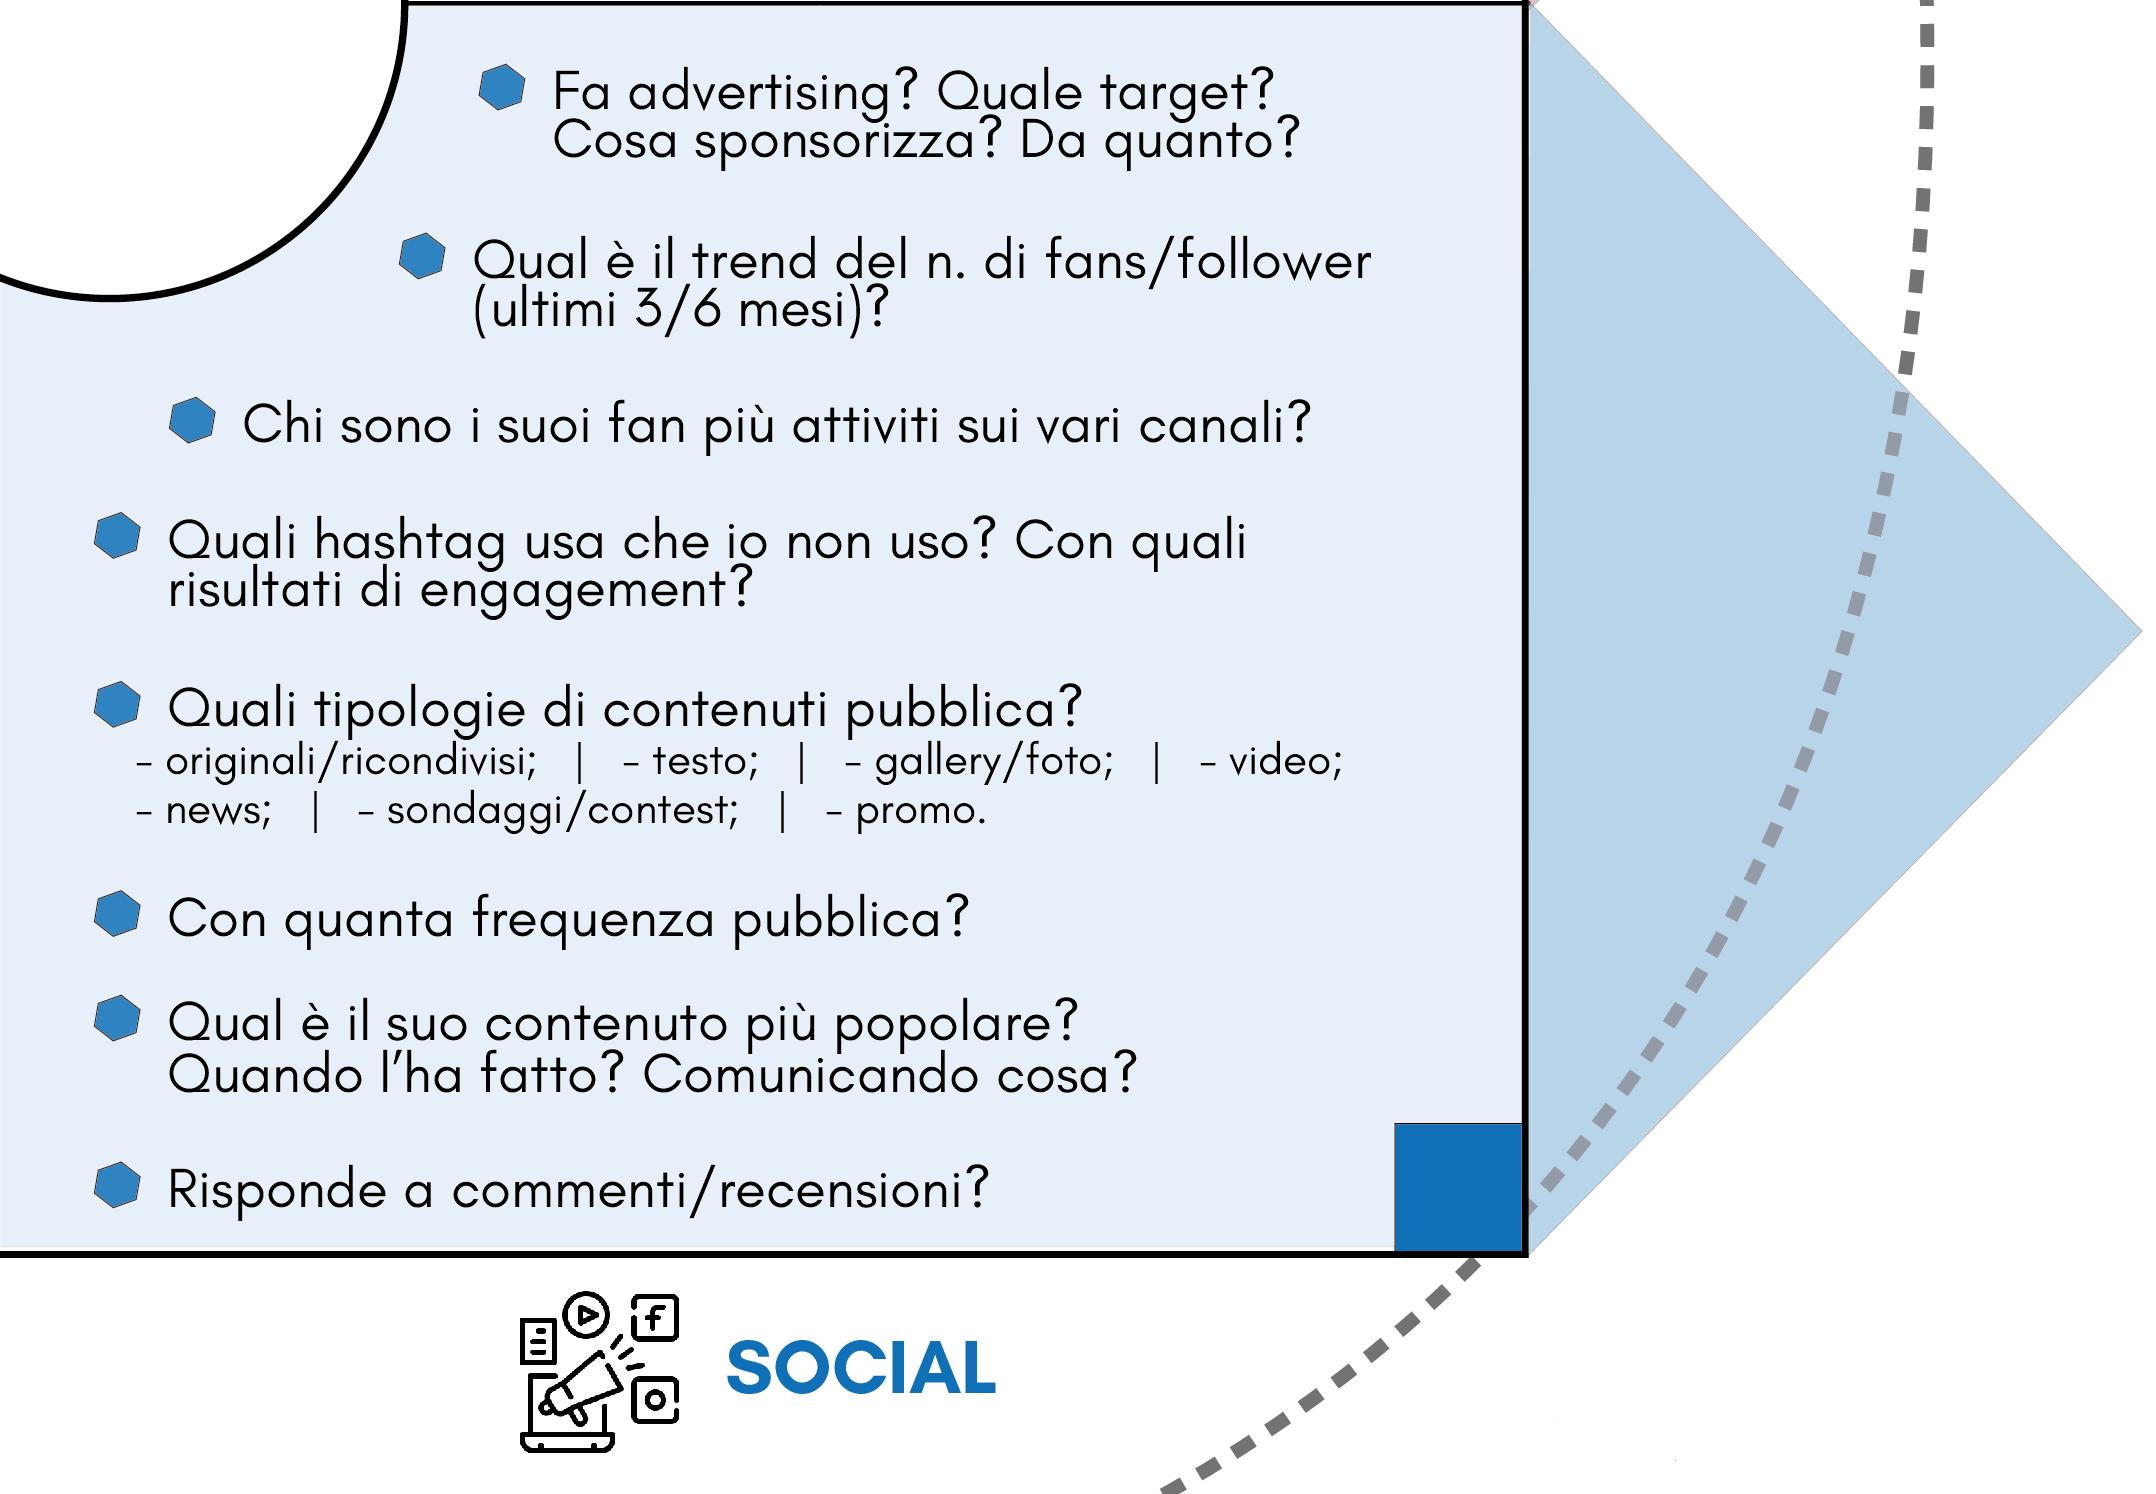 quadrante Social del modello Competitor Personas